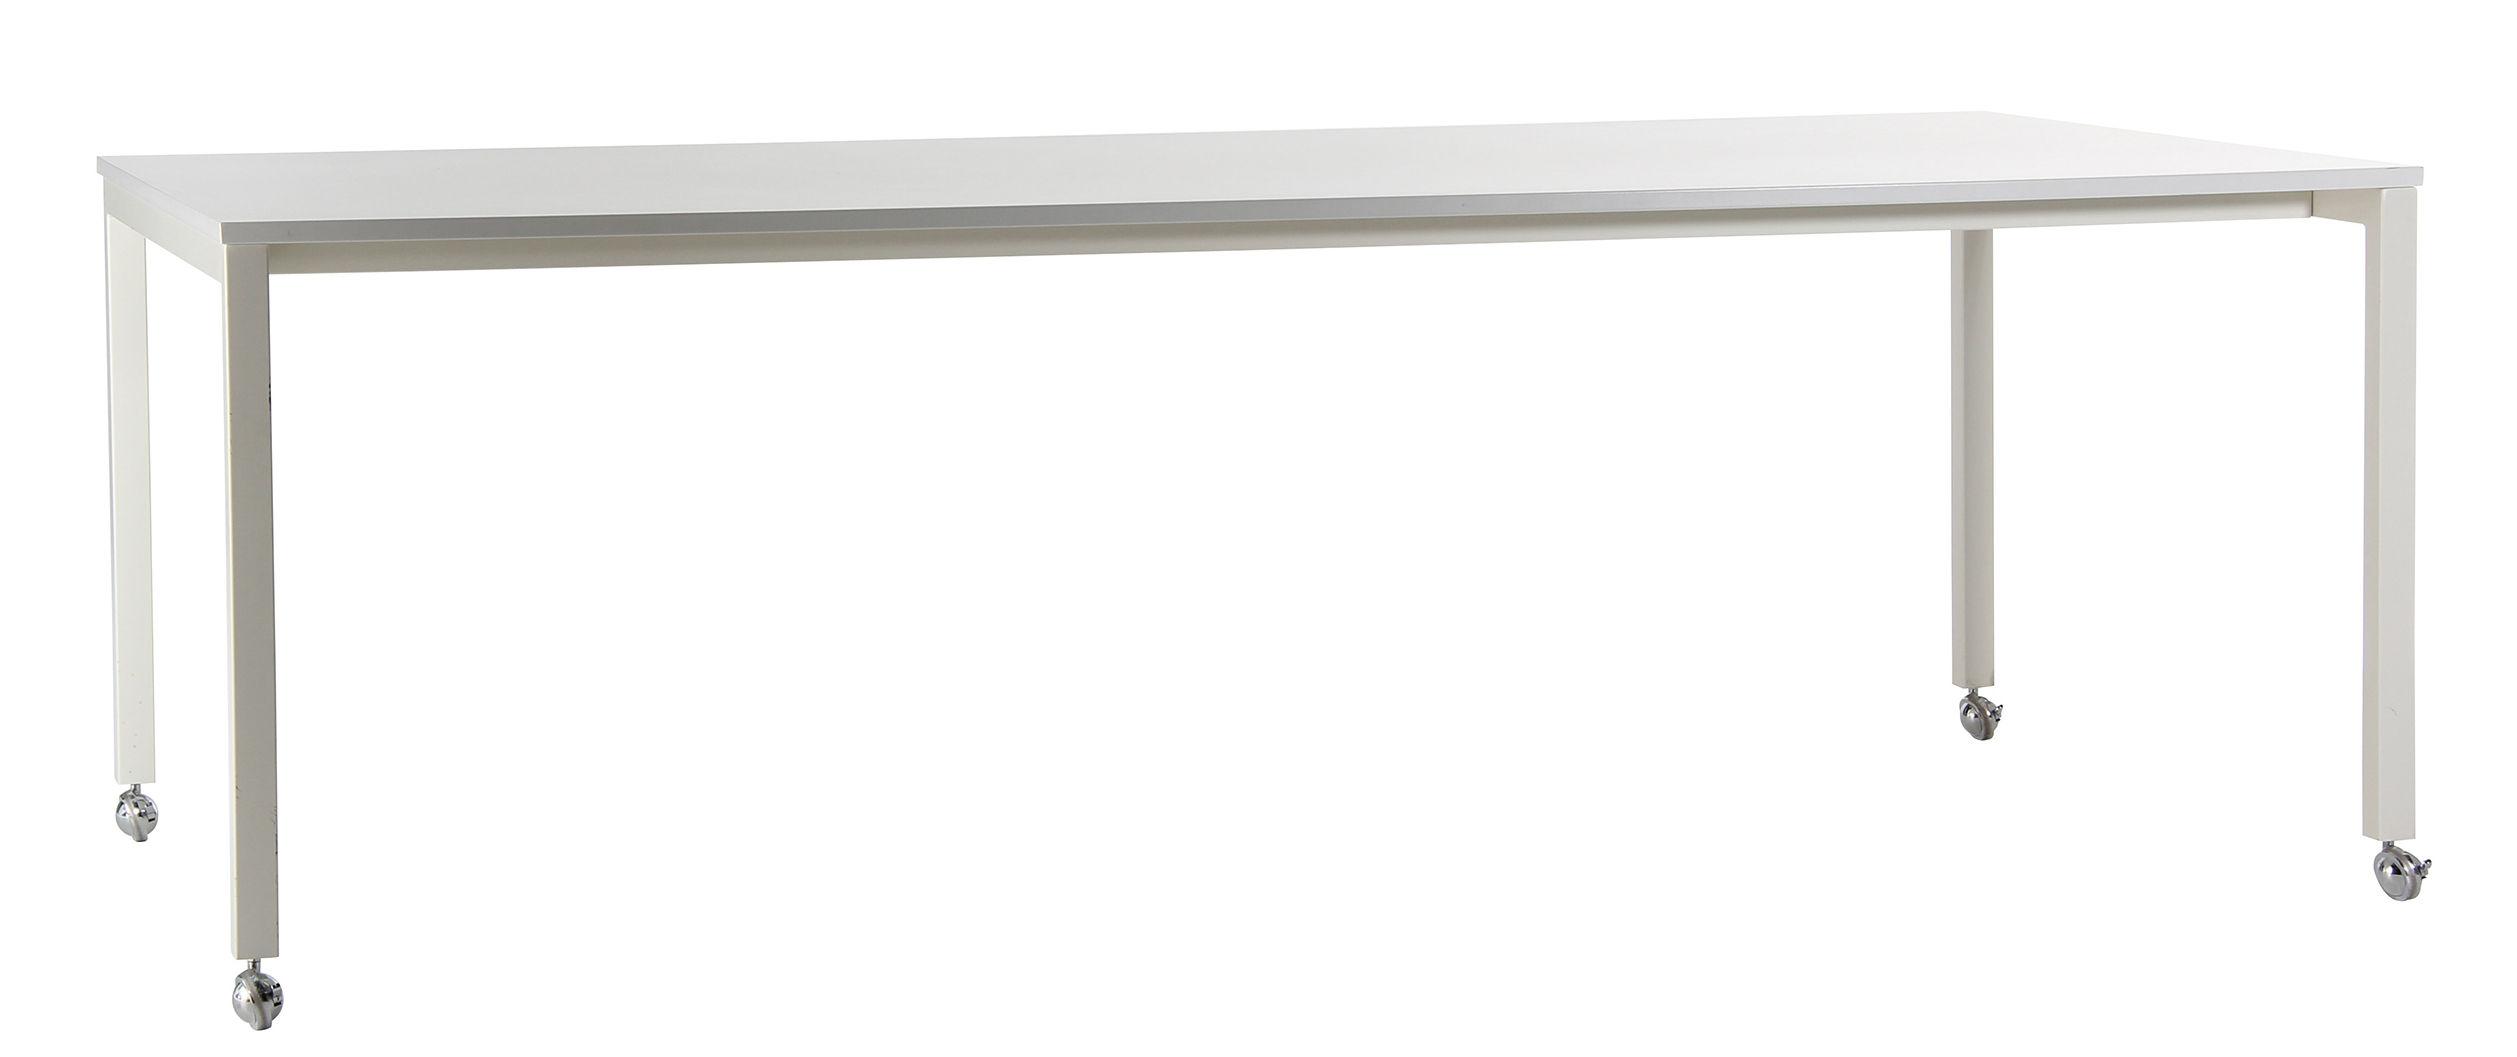 Mobilier - Tables - Table Panton Move / Bureau - Roulettes - 220 x 110 cm - Verpan - Blanc - Acier, MDF